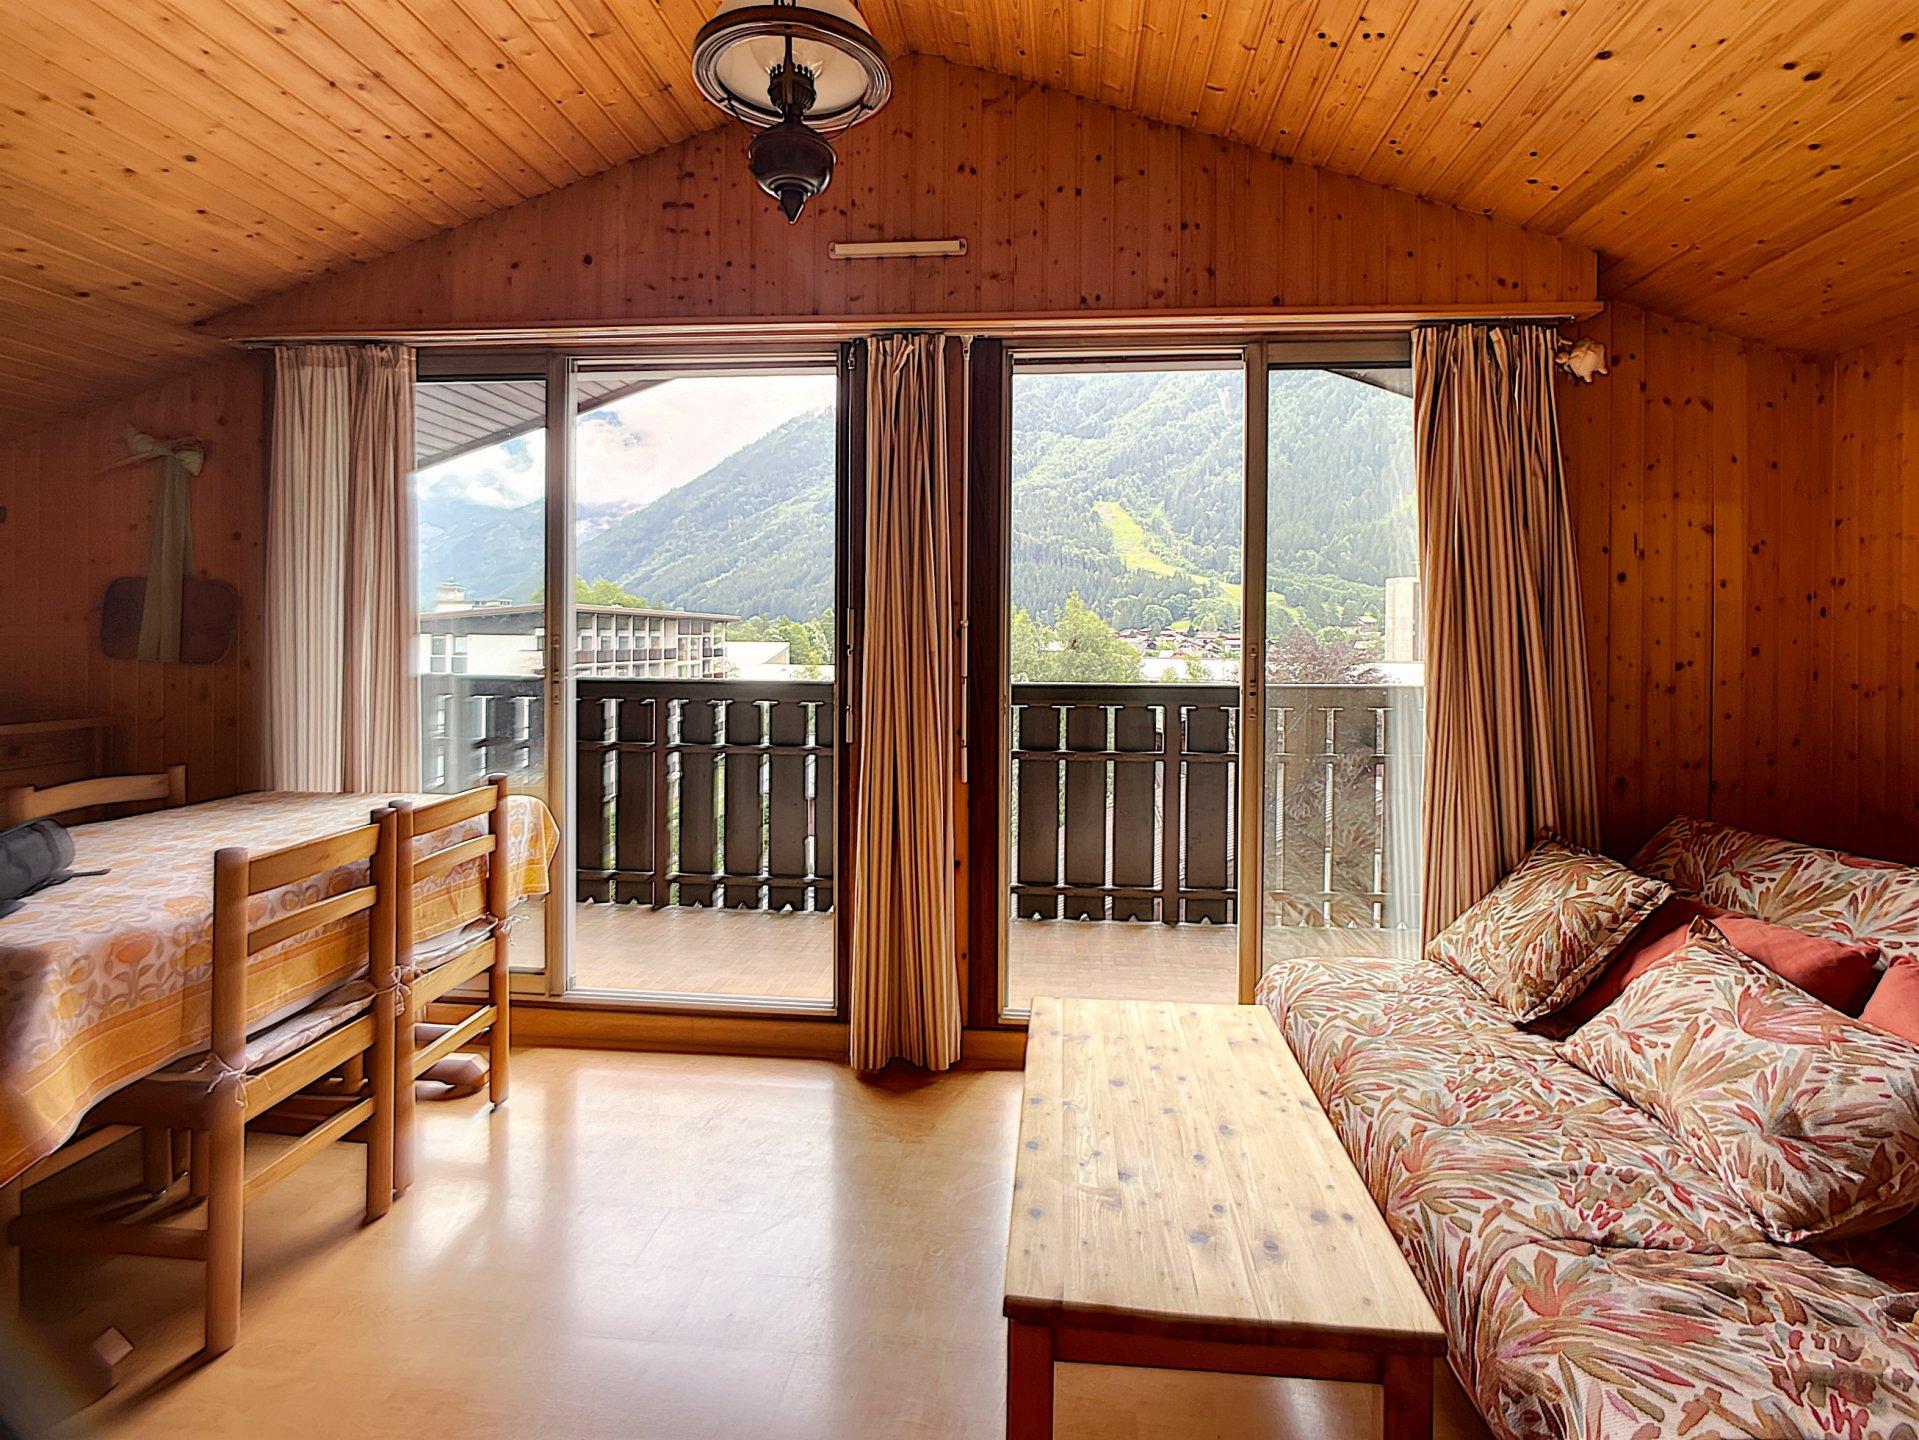 2 bedroom apartment, Chamonix Mont-Blanc